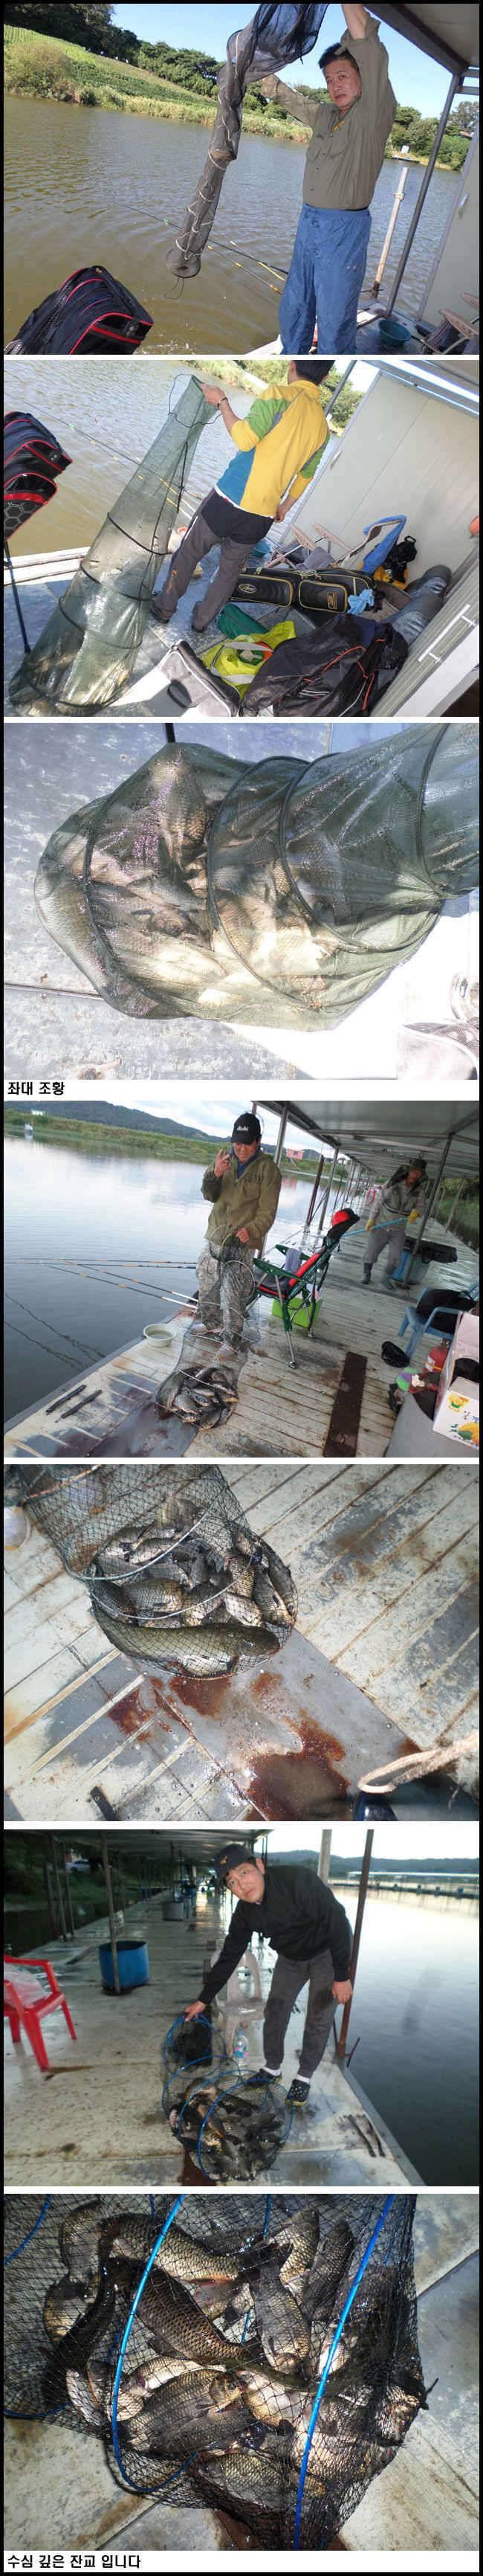 fish_pay_12525125.jpg